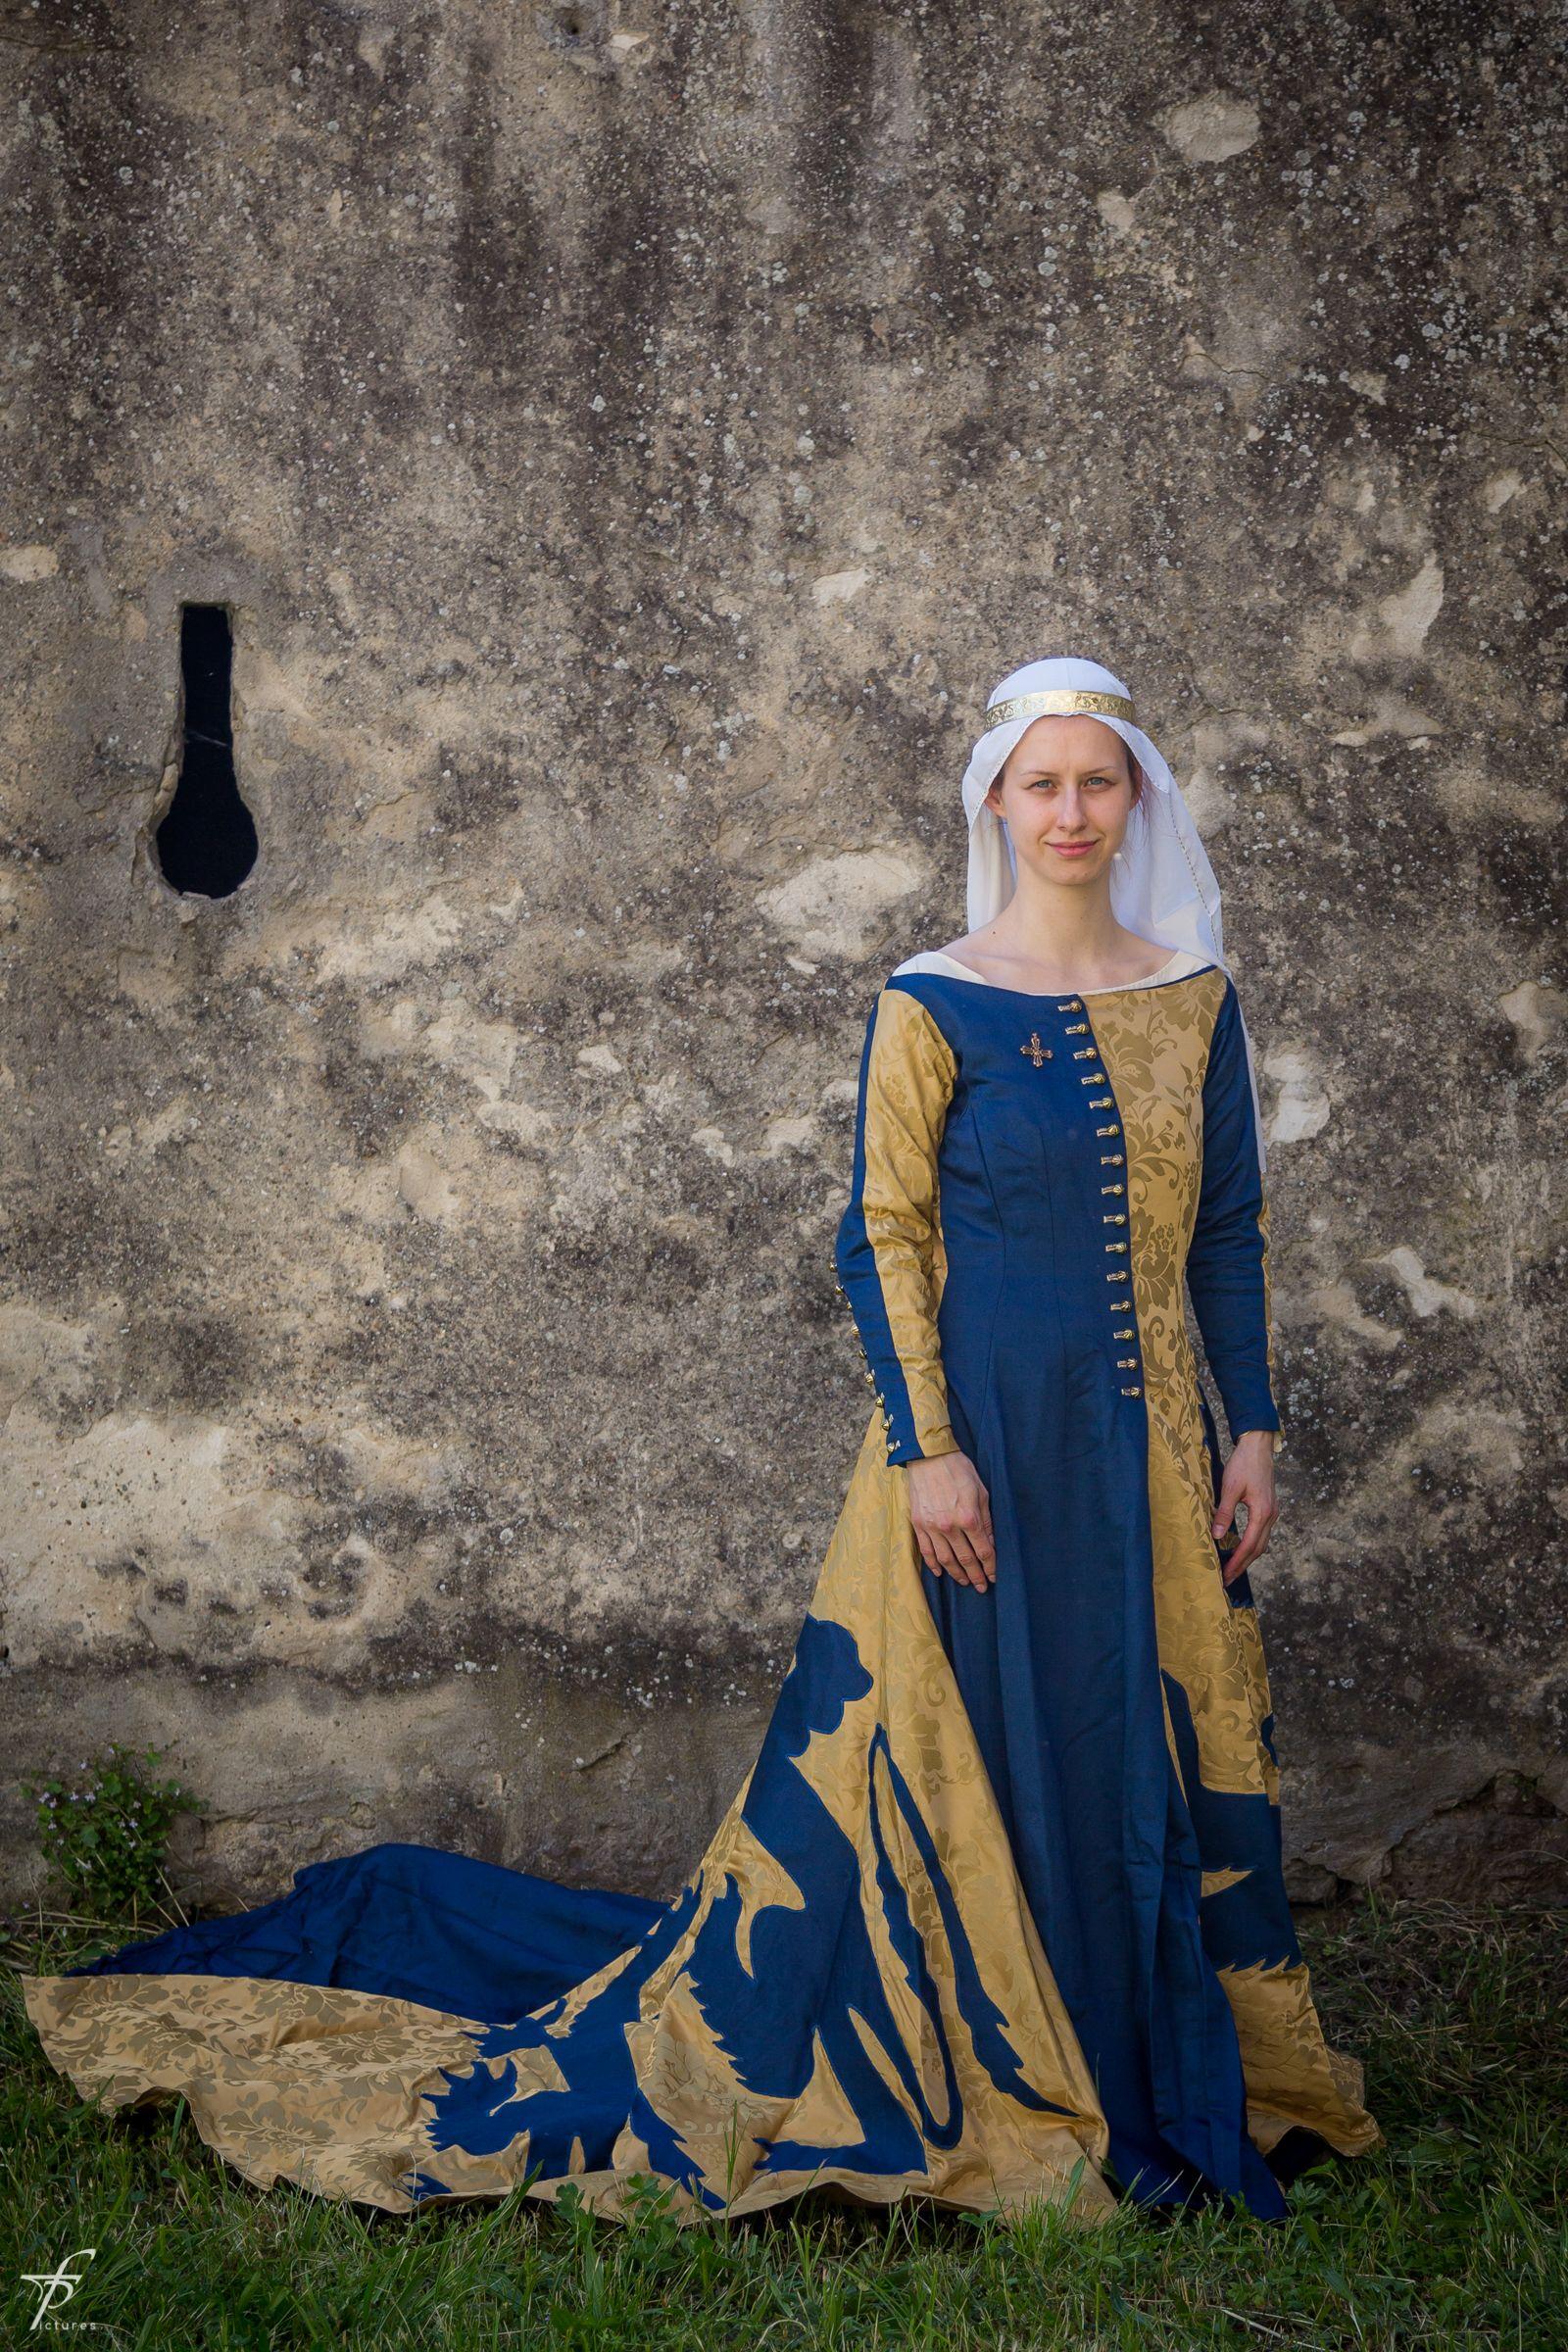 Heraldic cotehardie, 14th century | Medieval life in 2019